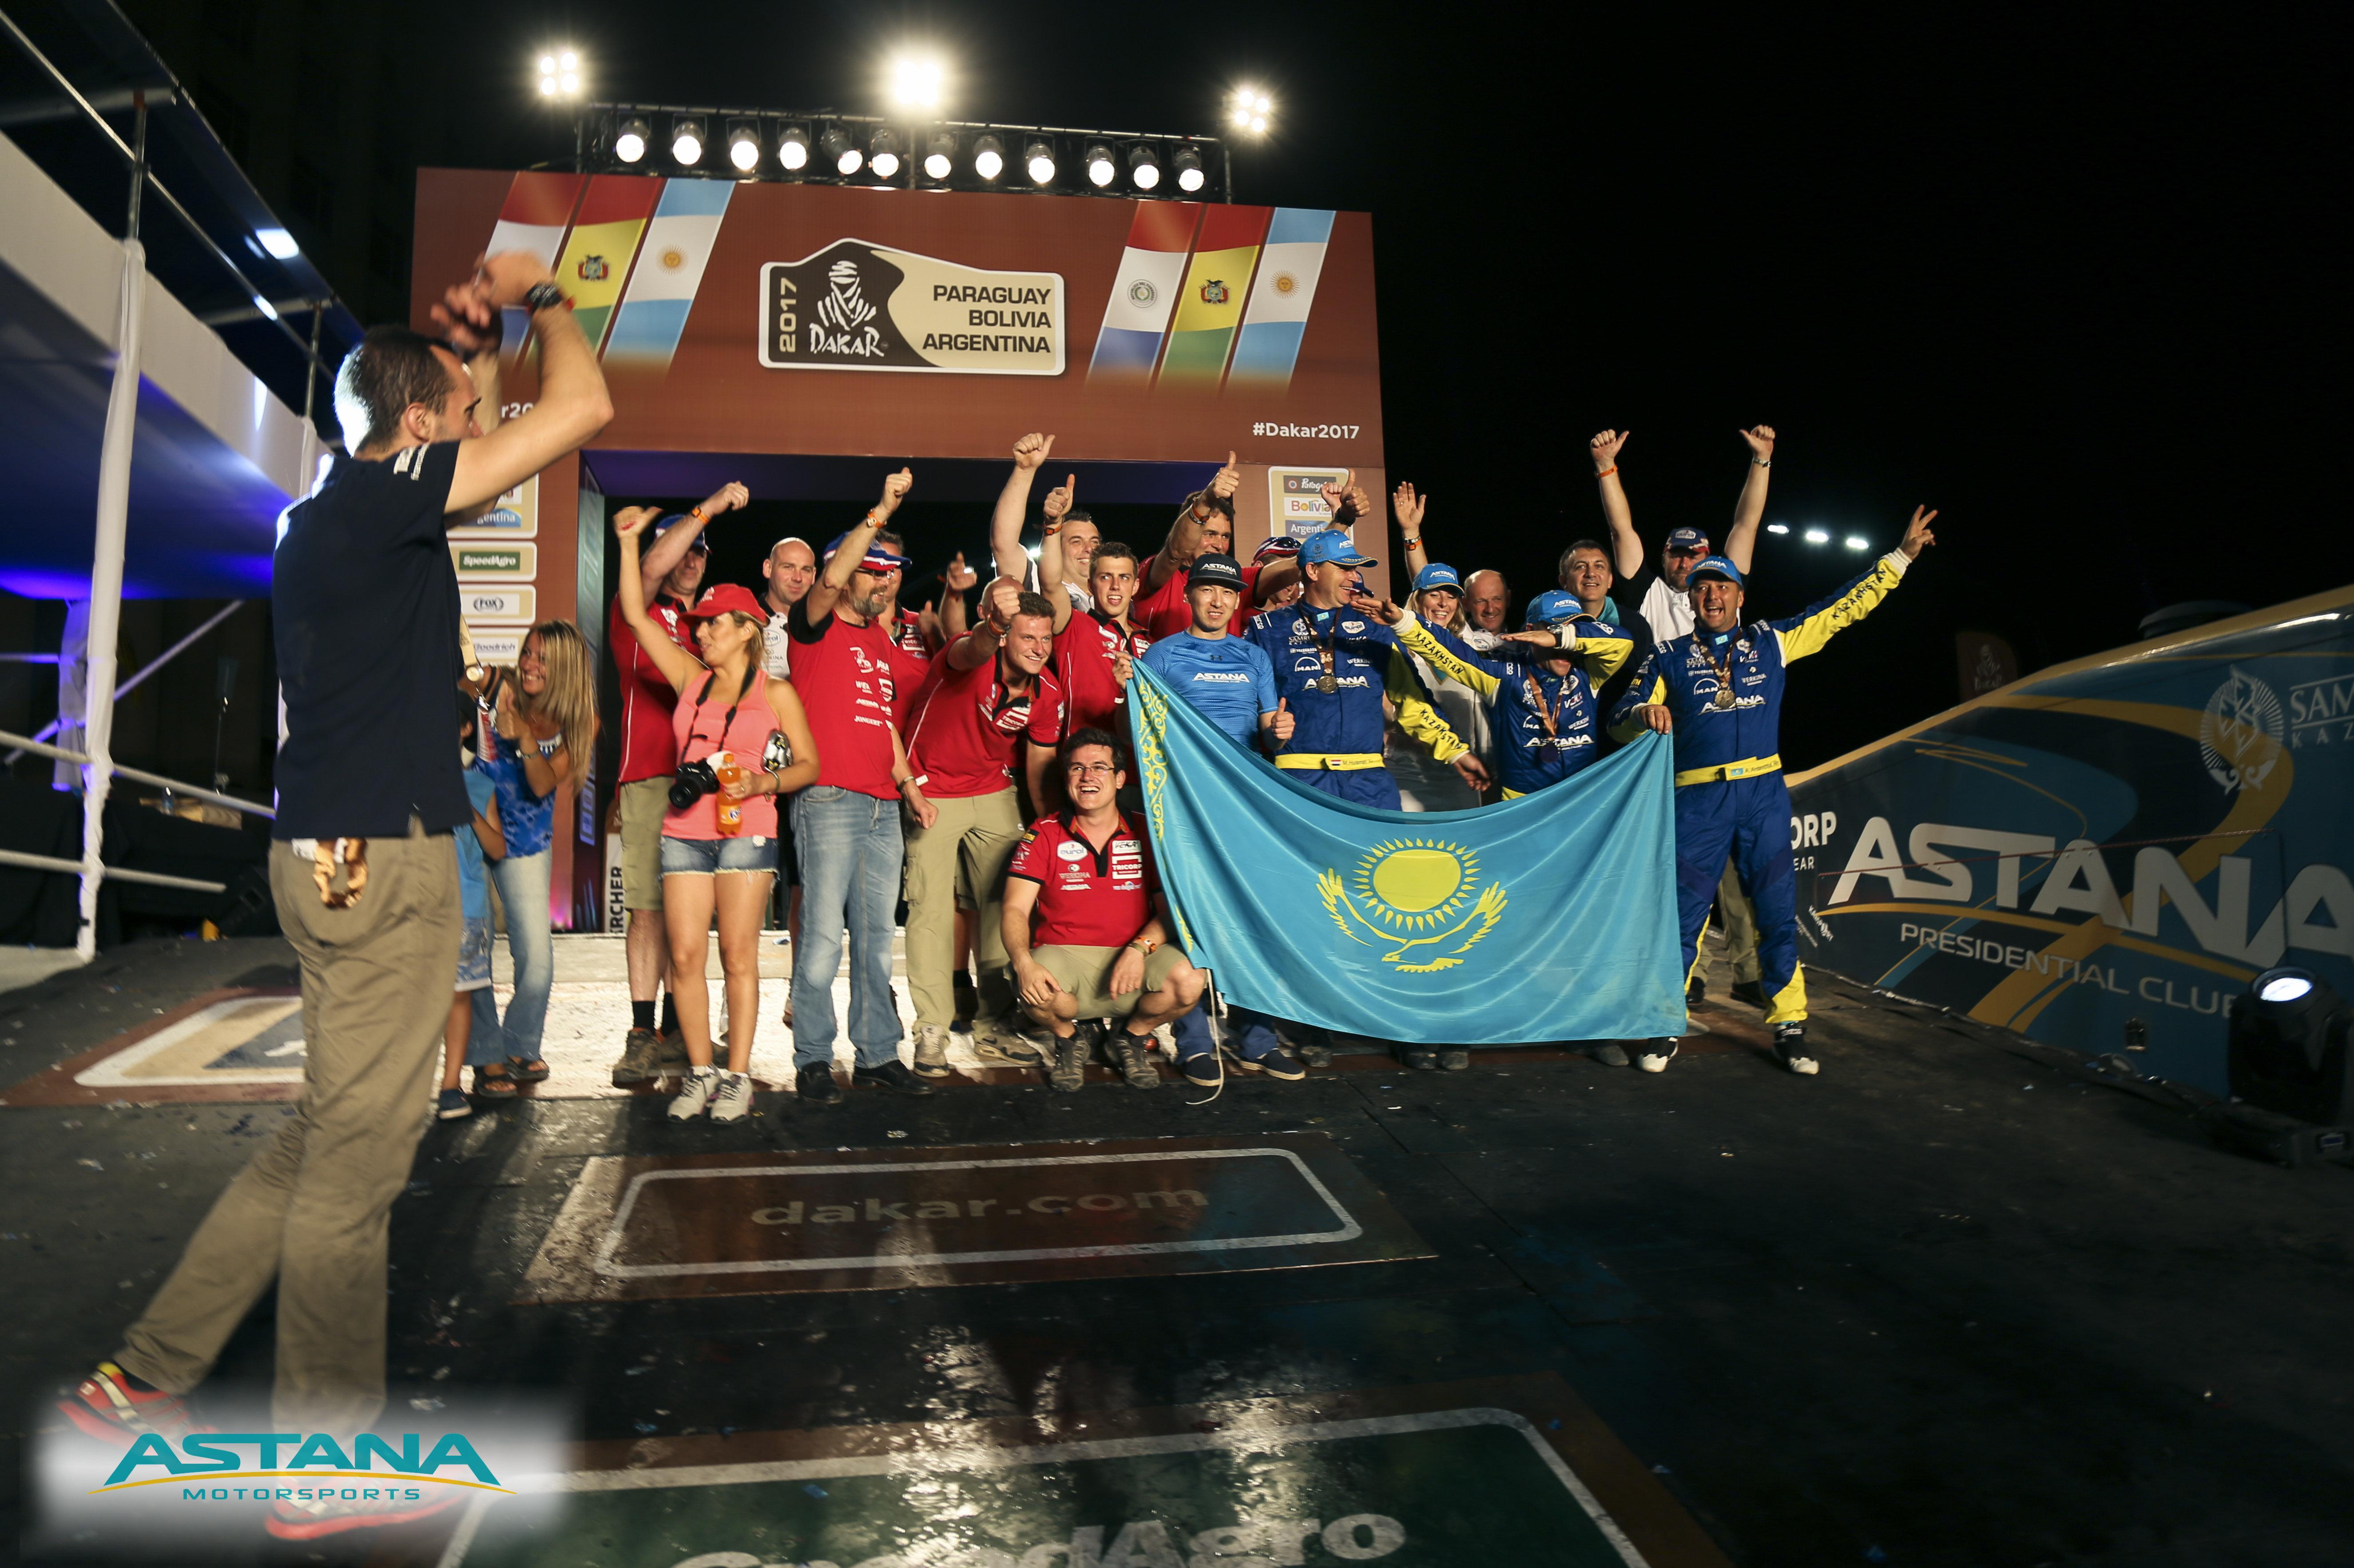 Легковой экипаж Astana Motorsports стал бронзовым призером Дакара-2017